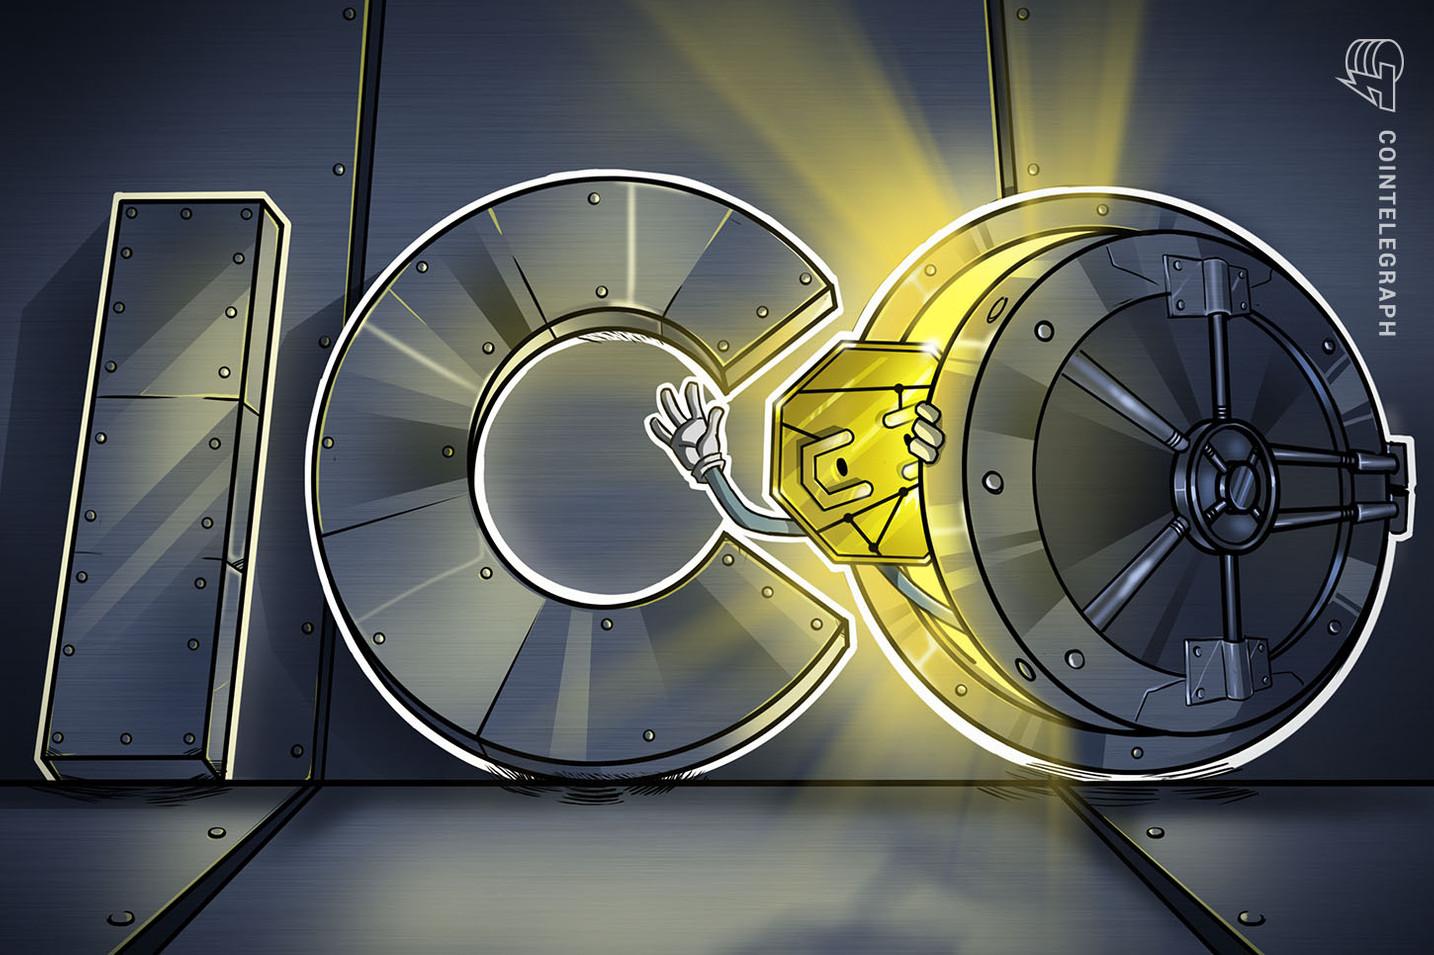 トークンの「使用」を購入者に義務付けるICOが成功、500万ドルの資金を集める